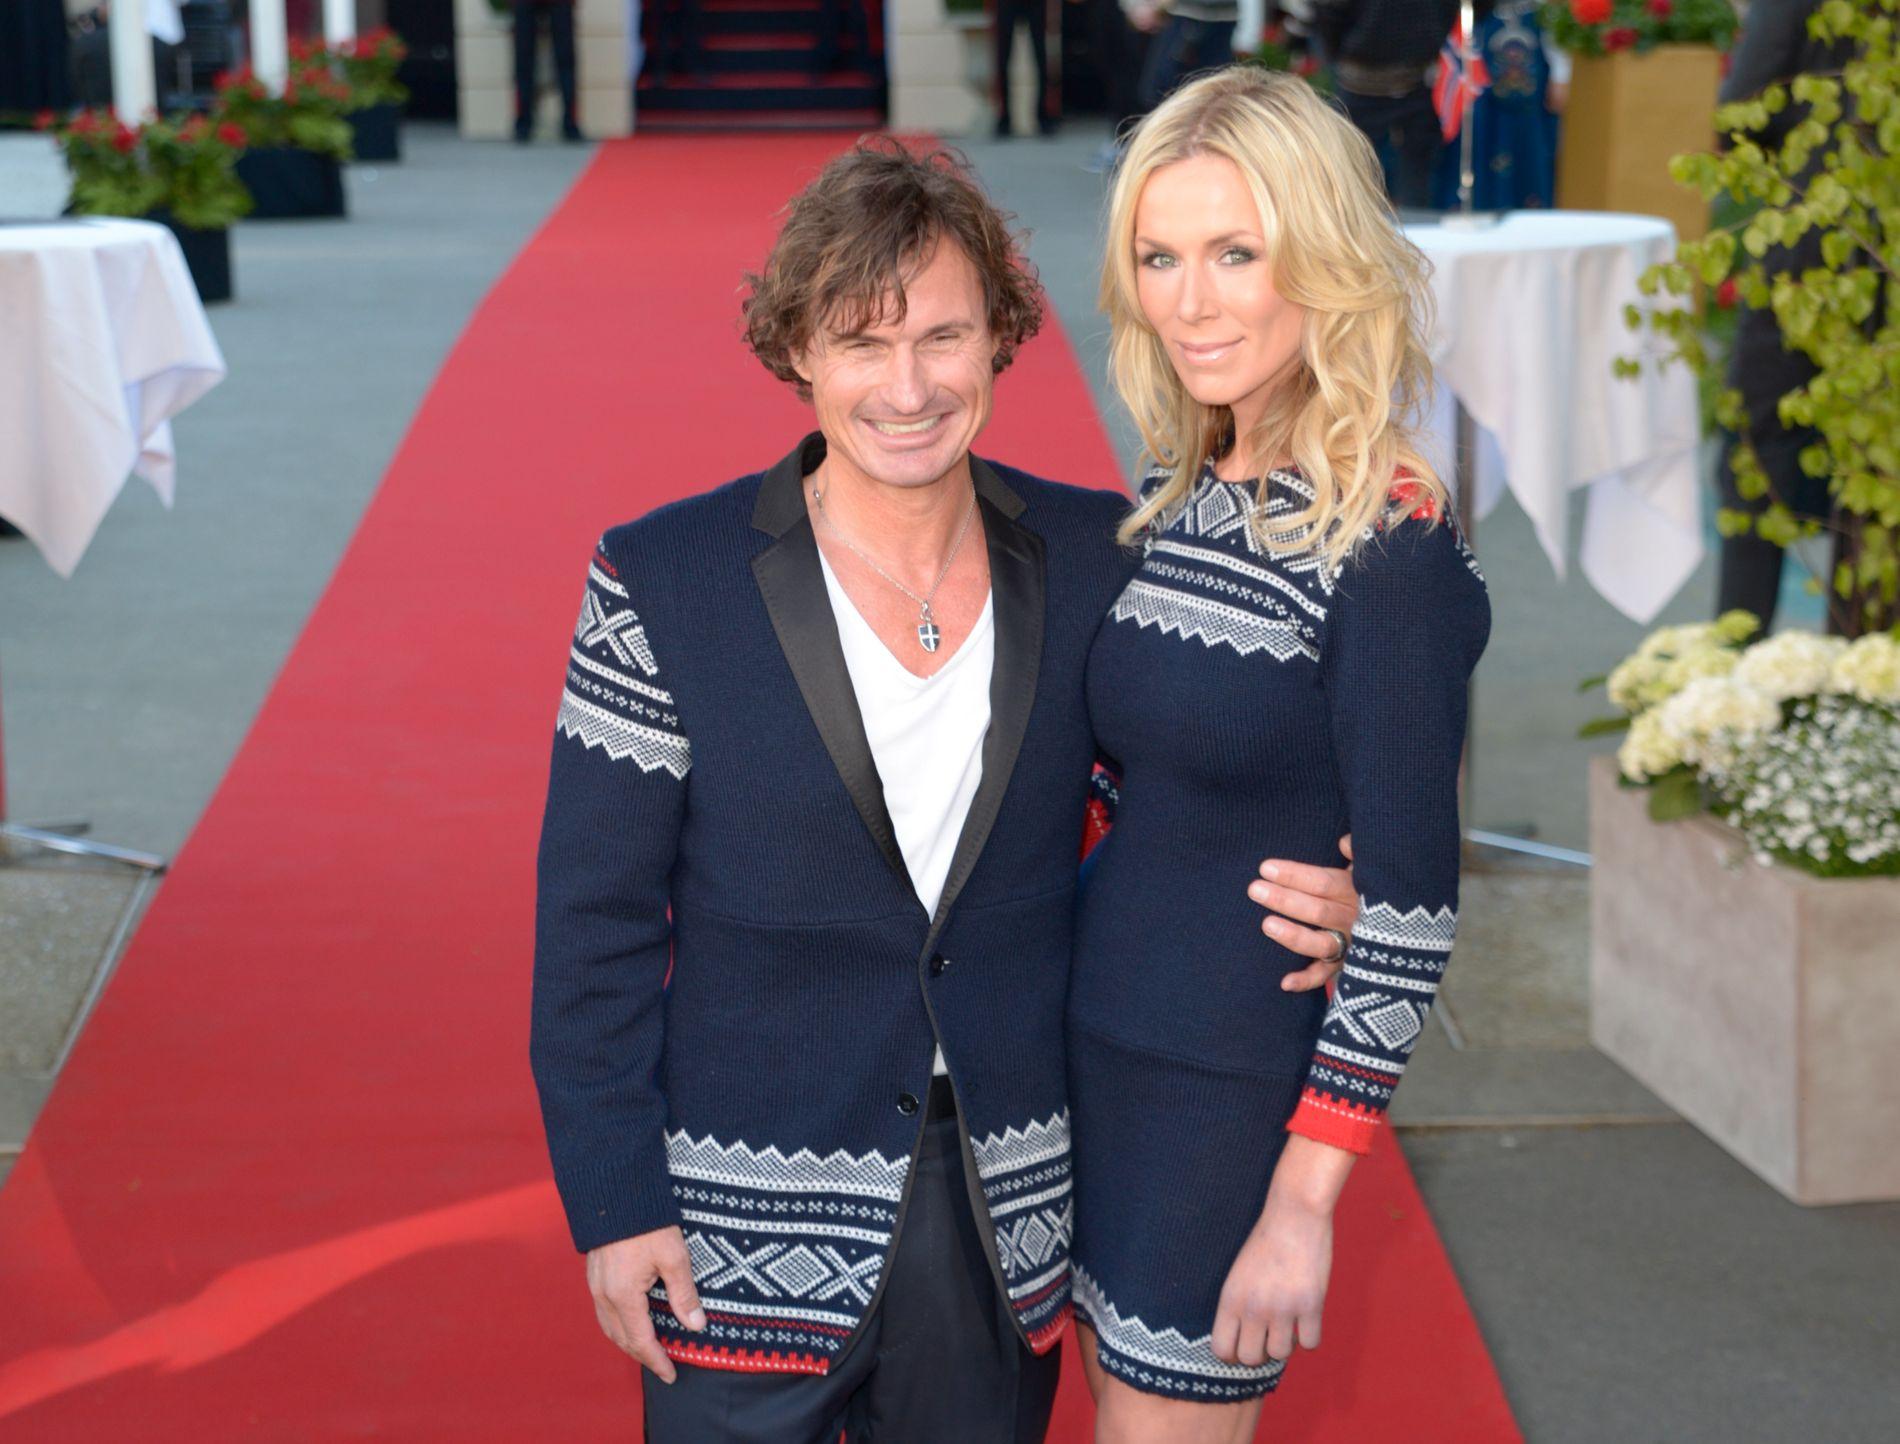 STOR-SLOTT: Petter Stordalen og kona Gunhild Stordalen feiret grunnlovsjubileumet i 2014 med å bygge en kopi av inngangen til Slottet foran Choice-hovedkvarteret.